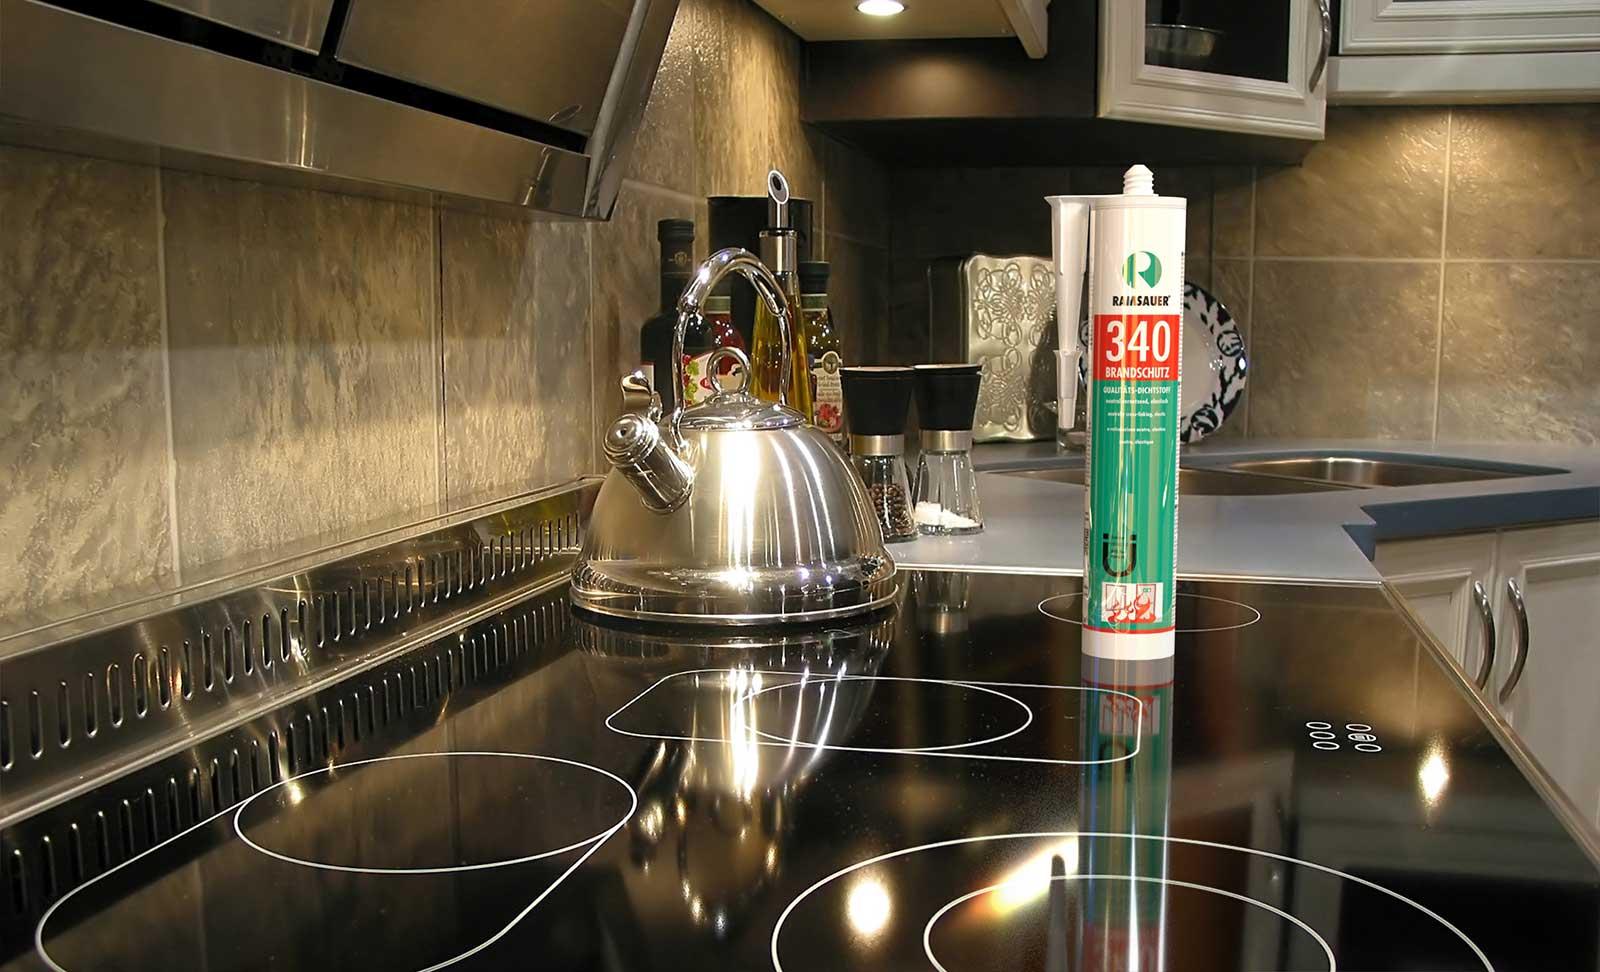 Уплотнение стеклянных варочных панелей электрических плит специальными огнестойкими герметиками класса B1